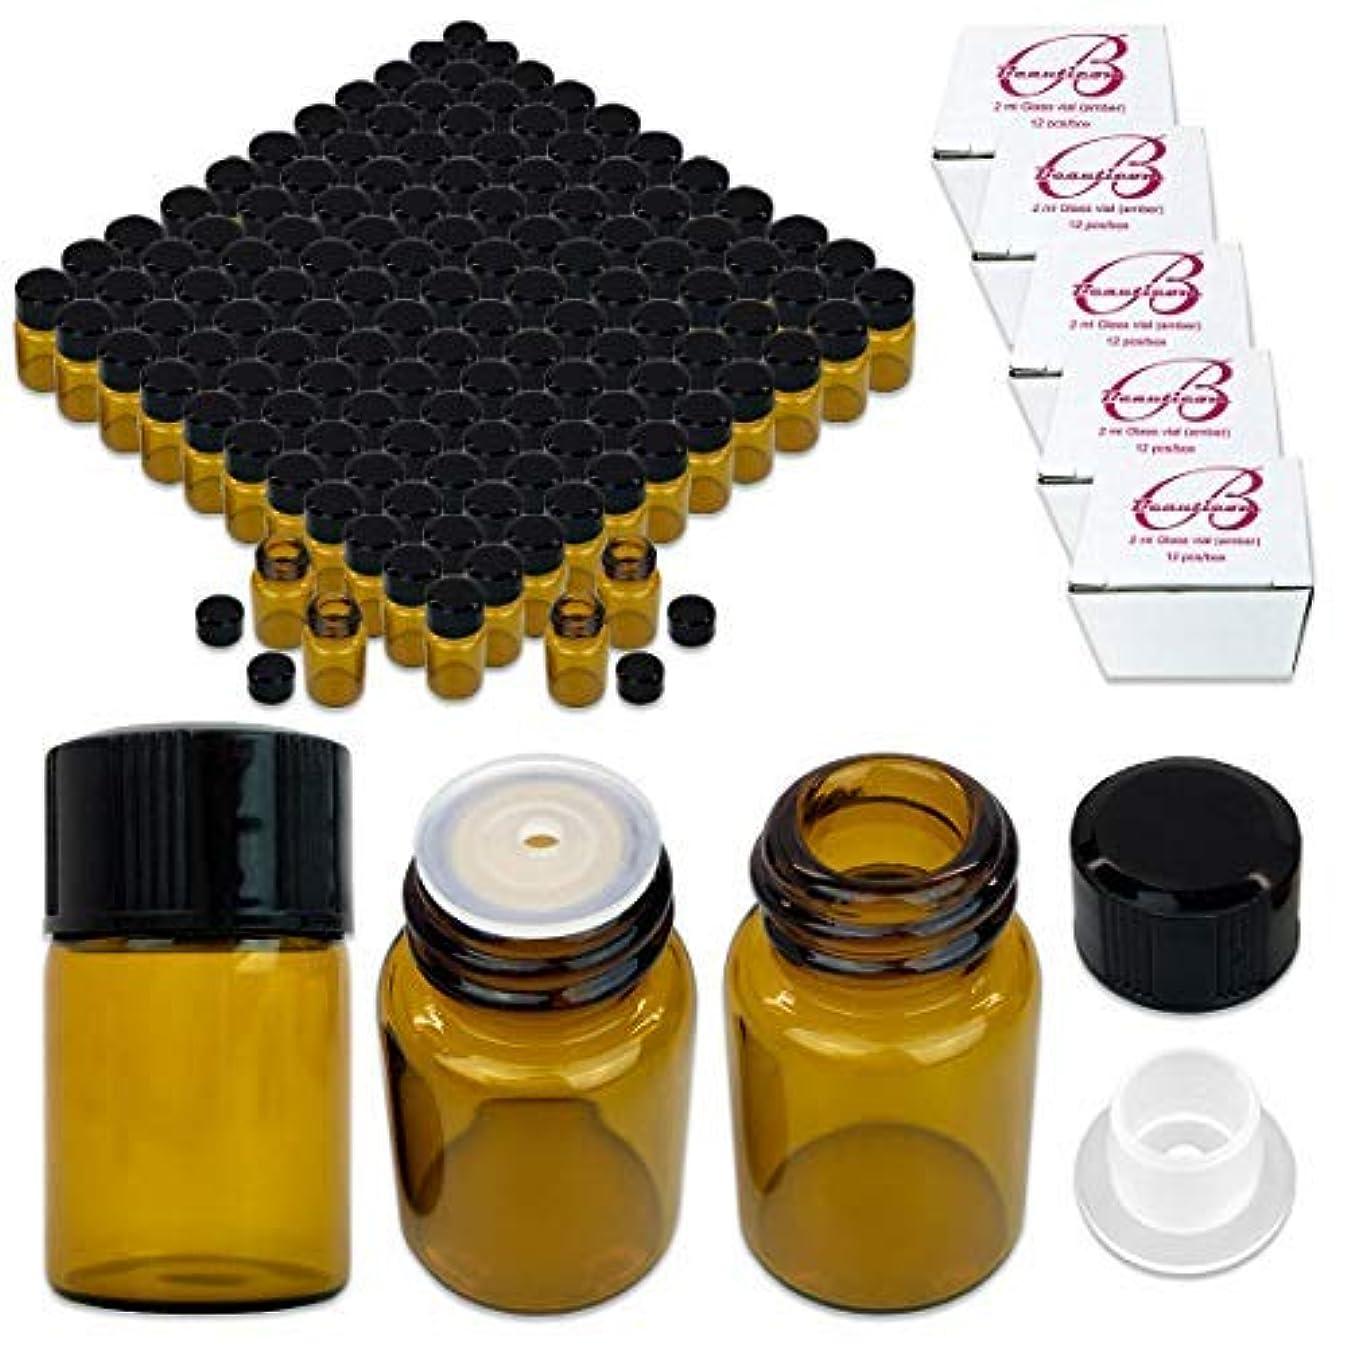 極小ピア並外れた180 Packs Beauticom 2ML Amber Glass Vial for Essential Oils, Aromatherapy, Fragrance, Serums, Spritzes, with Orifice...